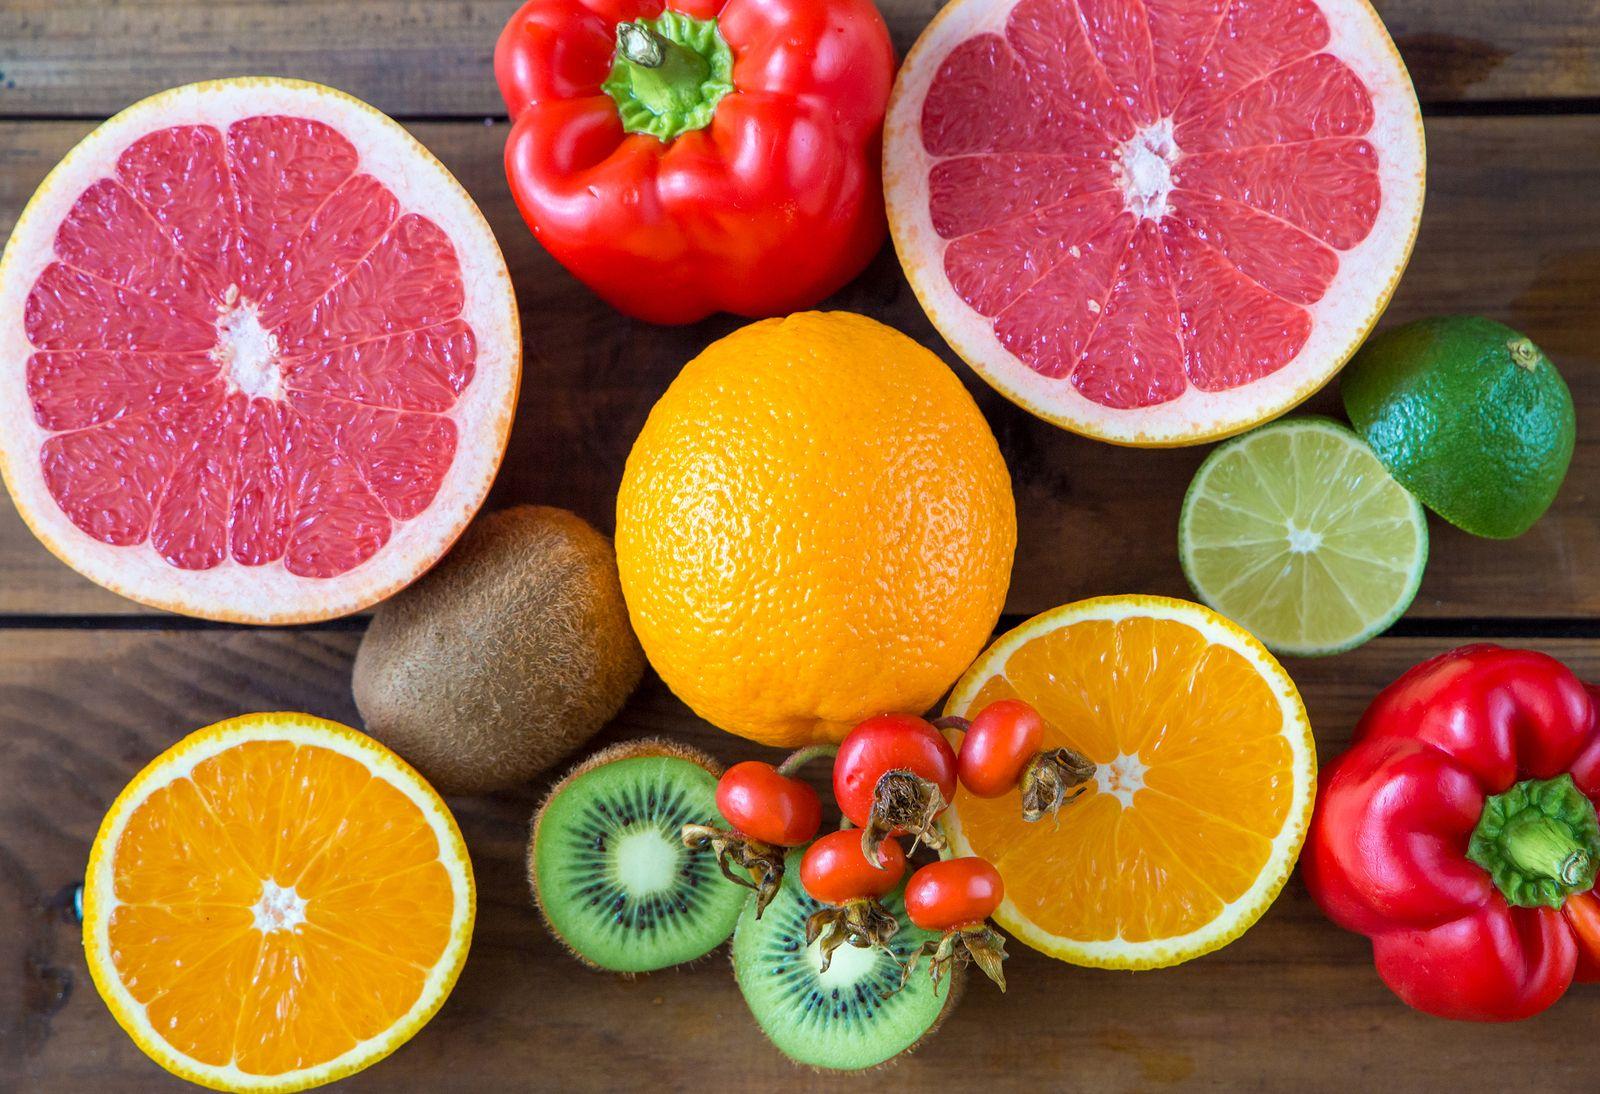 la-carencia-de-vitamina-c-origina-el-escorbuto-pero-sigue-existiendo-esta-enfermedad